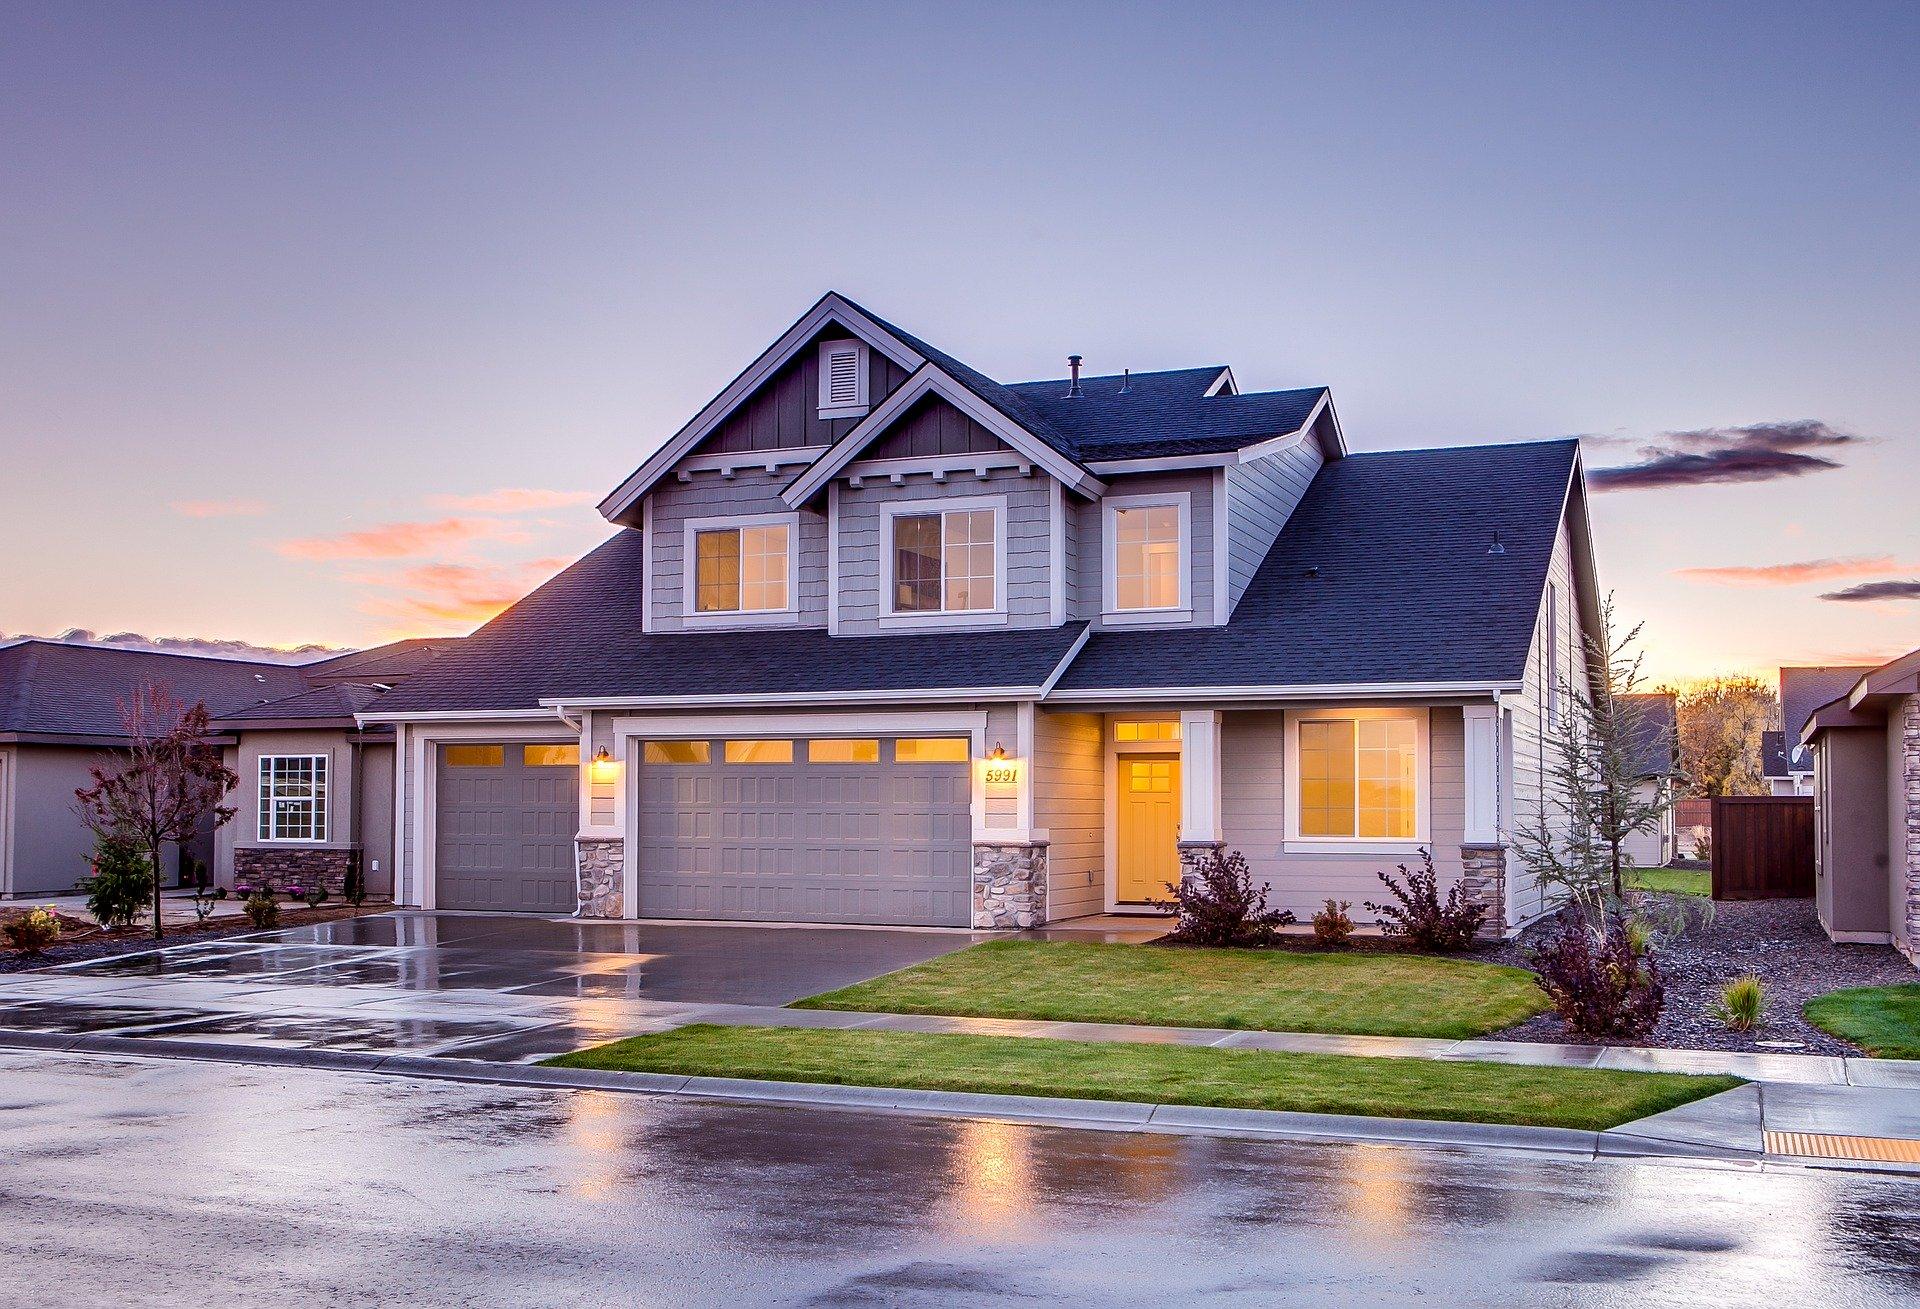 הלוואה כנגד הנכס לסגירת חובות